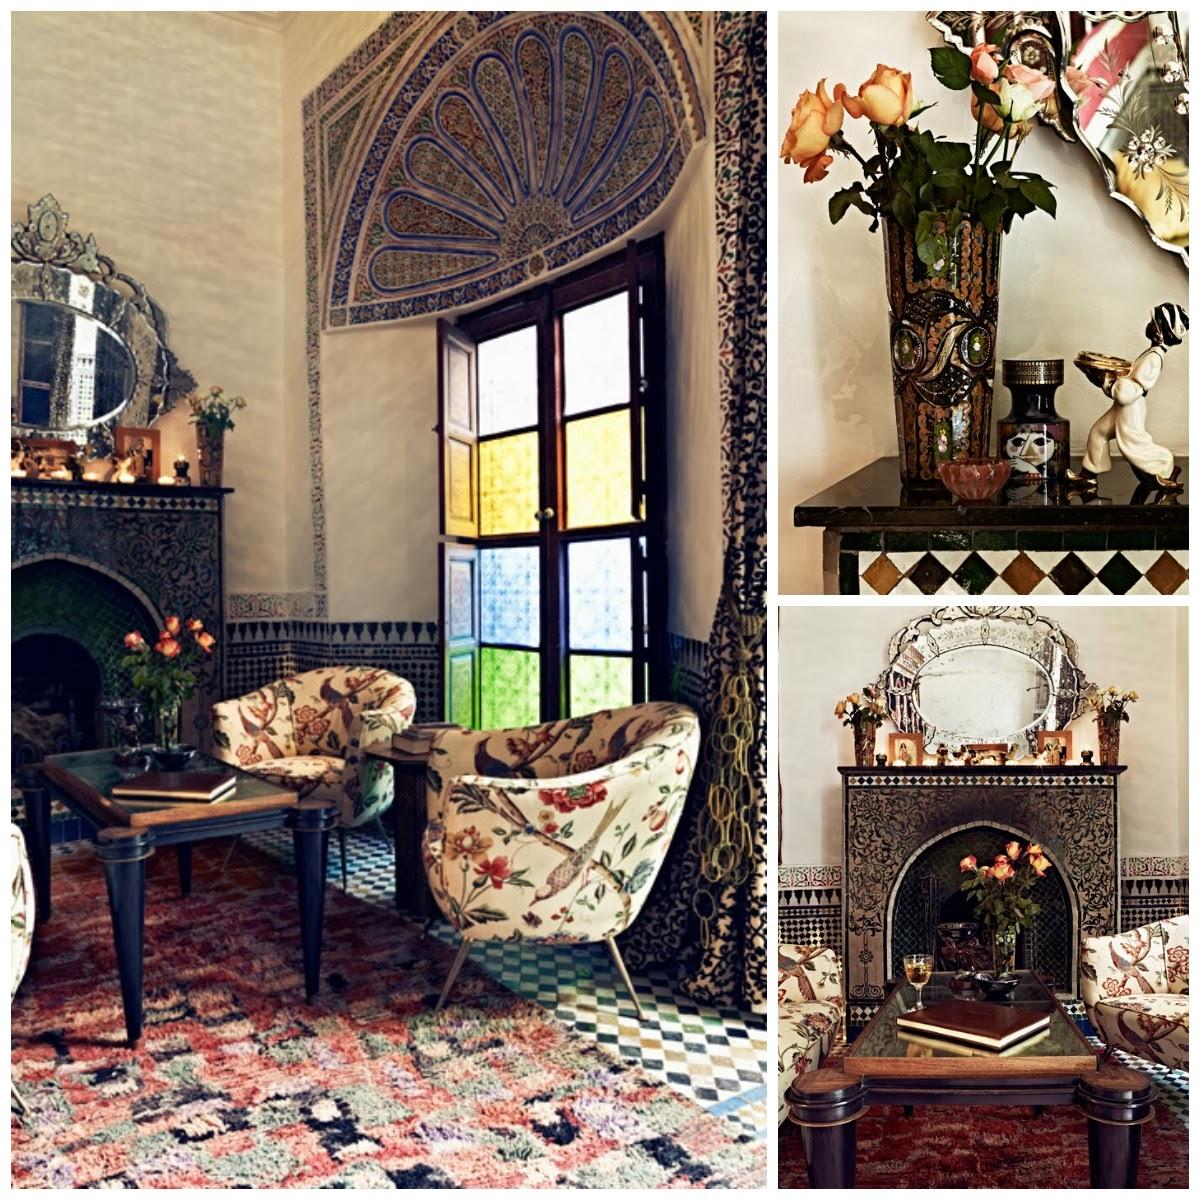 El tiempo entre costuras, Marruecos, La Musa Decoración, Salón, Living room